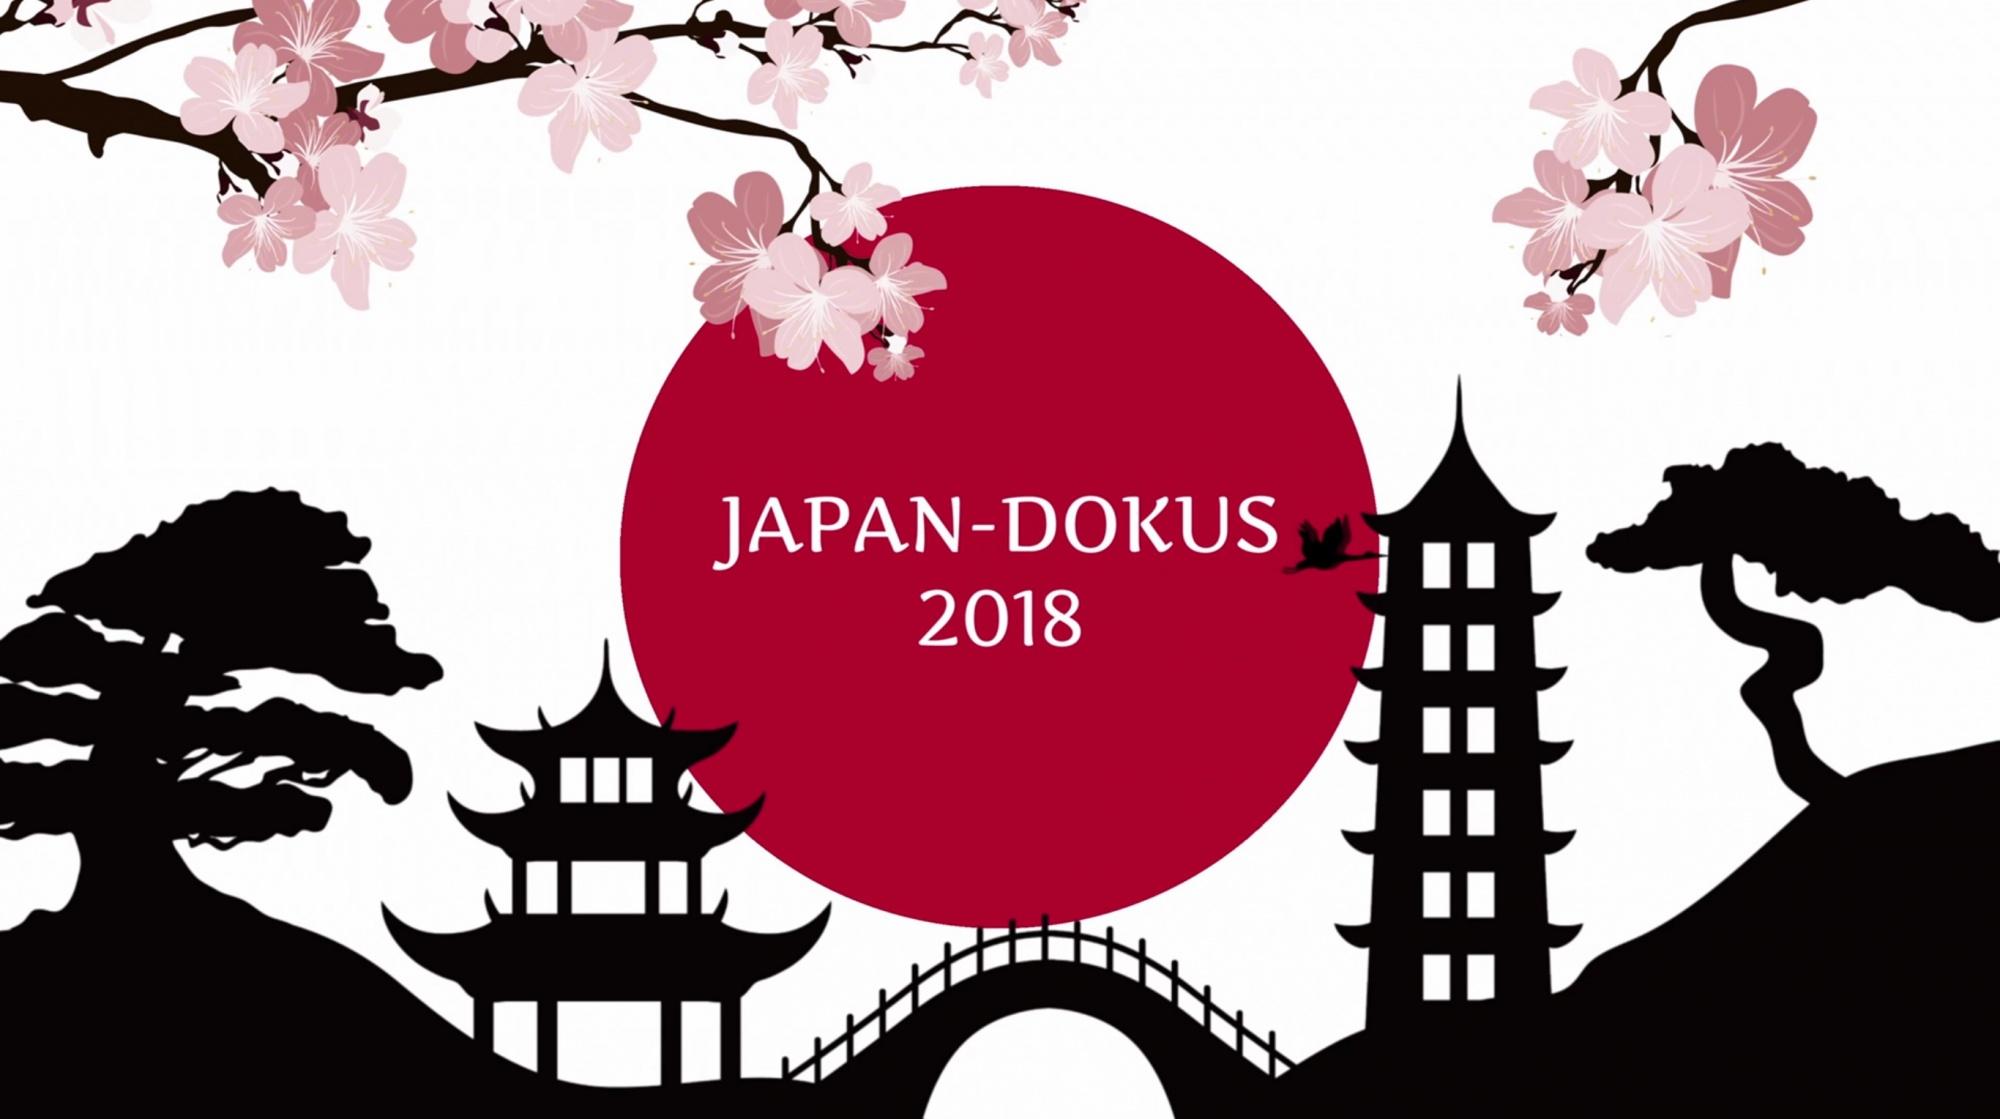 Japan Dokus 2018 (Crowdfunding): Beendet U2013 Vielen Dank Für über 27.000u20ac